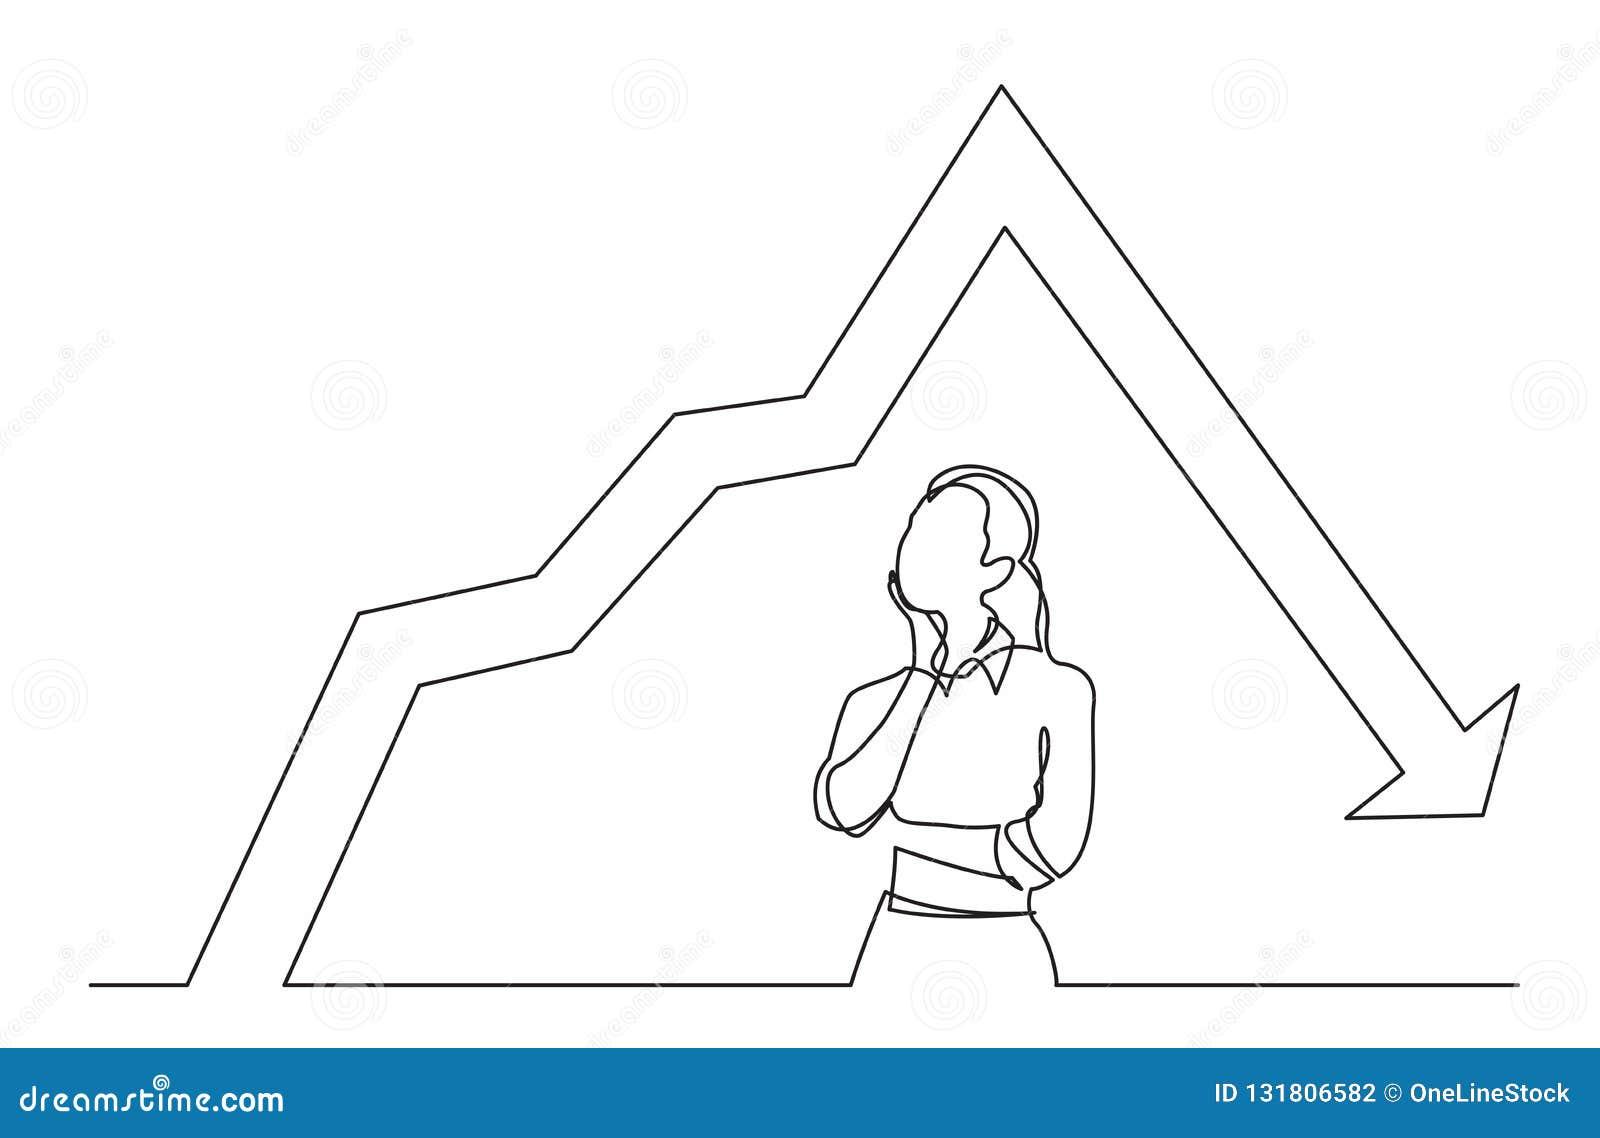 Ununterbrochenes Federzeichnung der stehenden Frau denkend an abnehmendes Diagramm